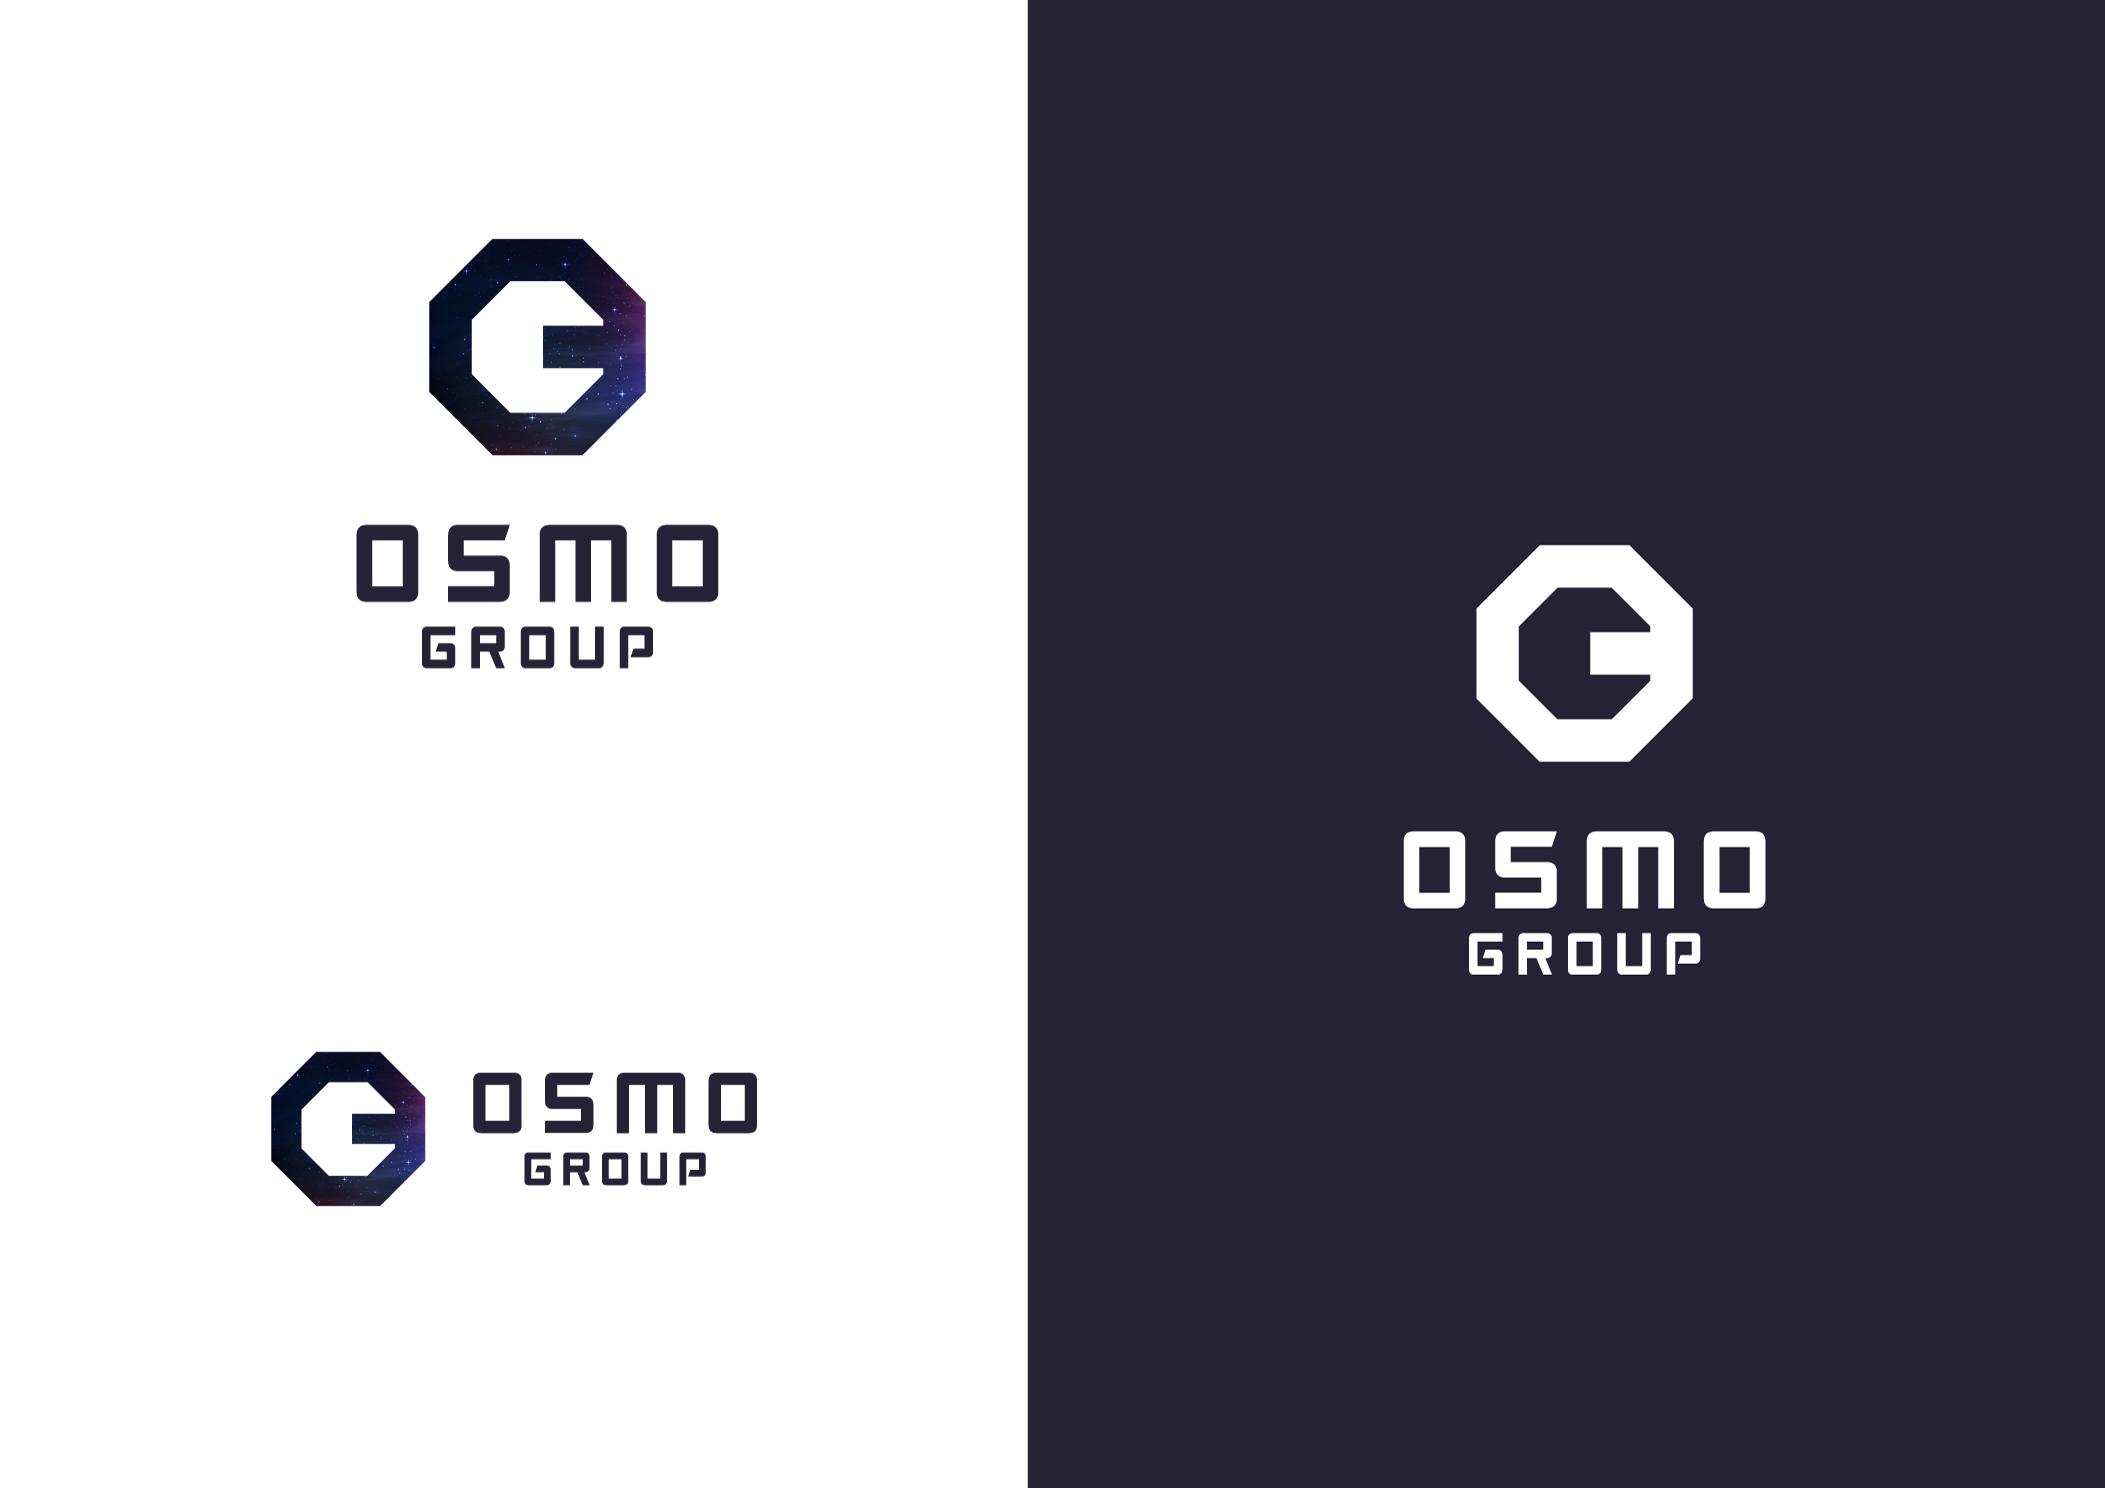 Создание логотипа для строительной компании OSMO group  фото f_91859b4da131e313.jpg